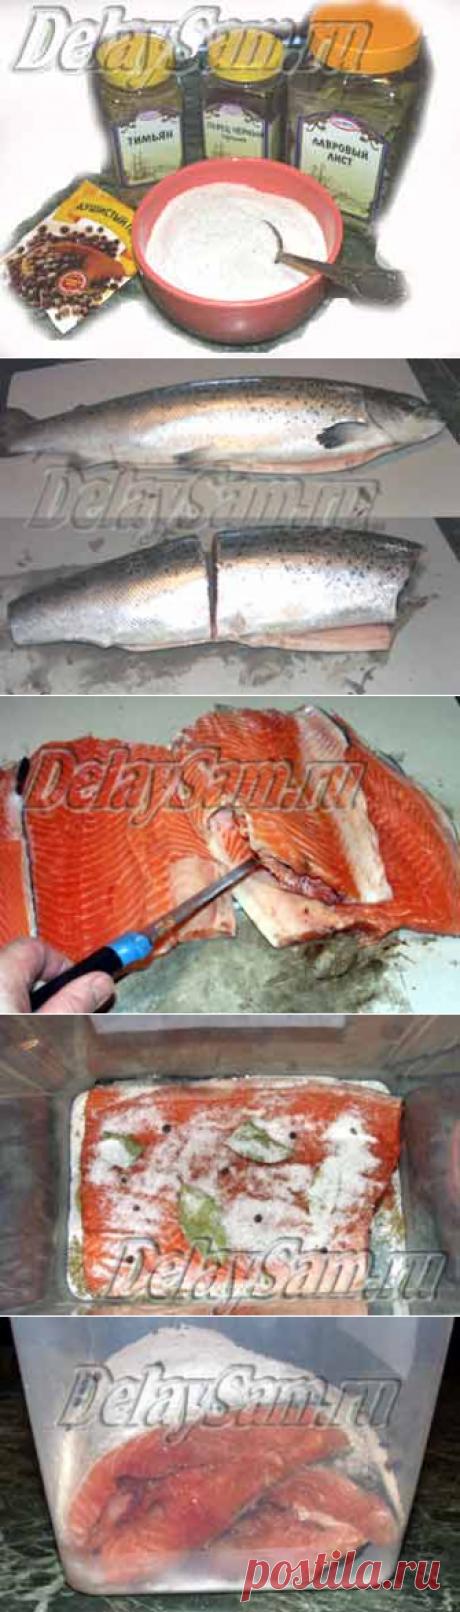 Как засолить семгу, форель, нерку, кижуча, горбушу, кету. Засолка красной рыбы дома